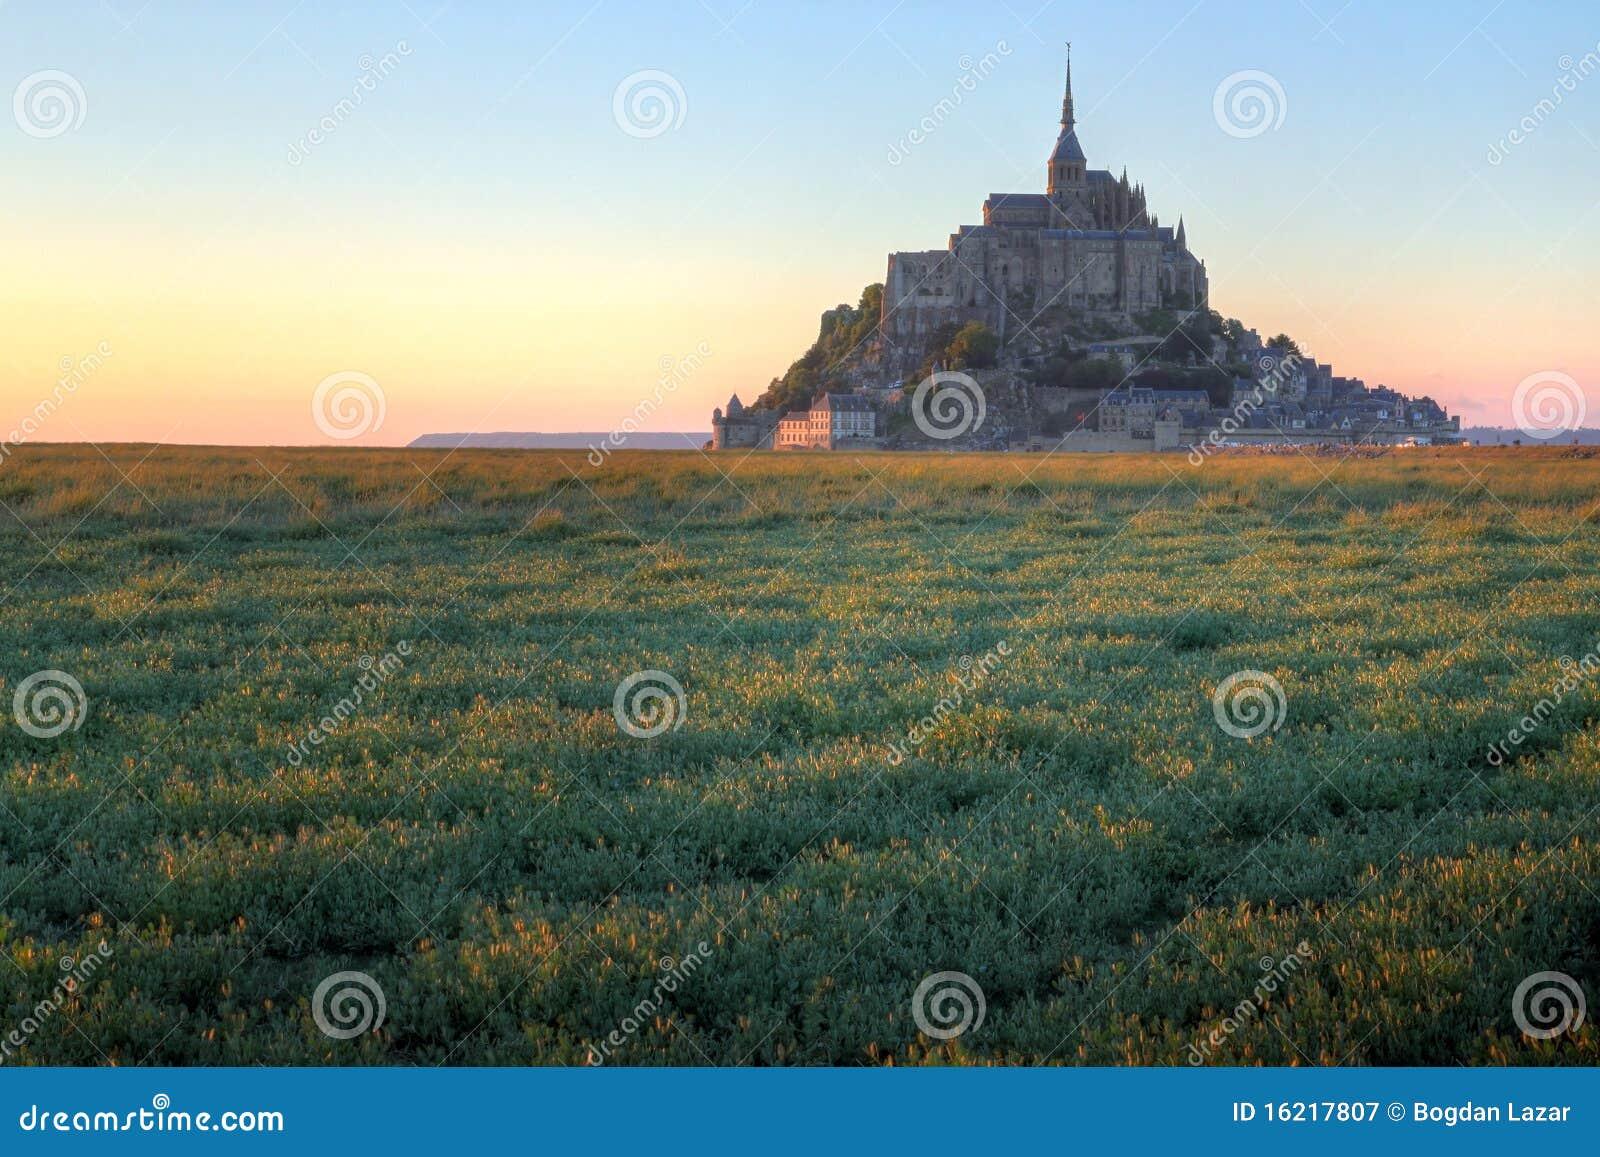 Mont Saint Michel at sunset, France